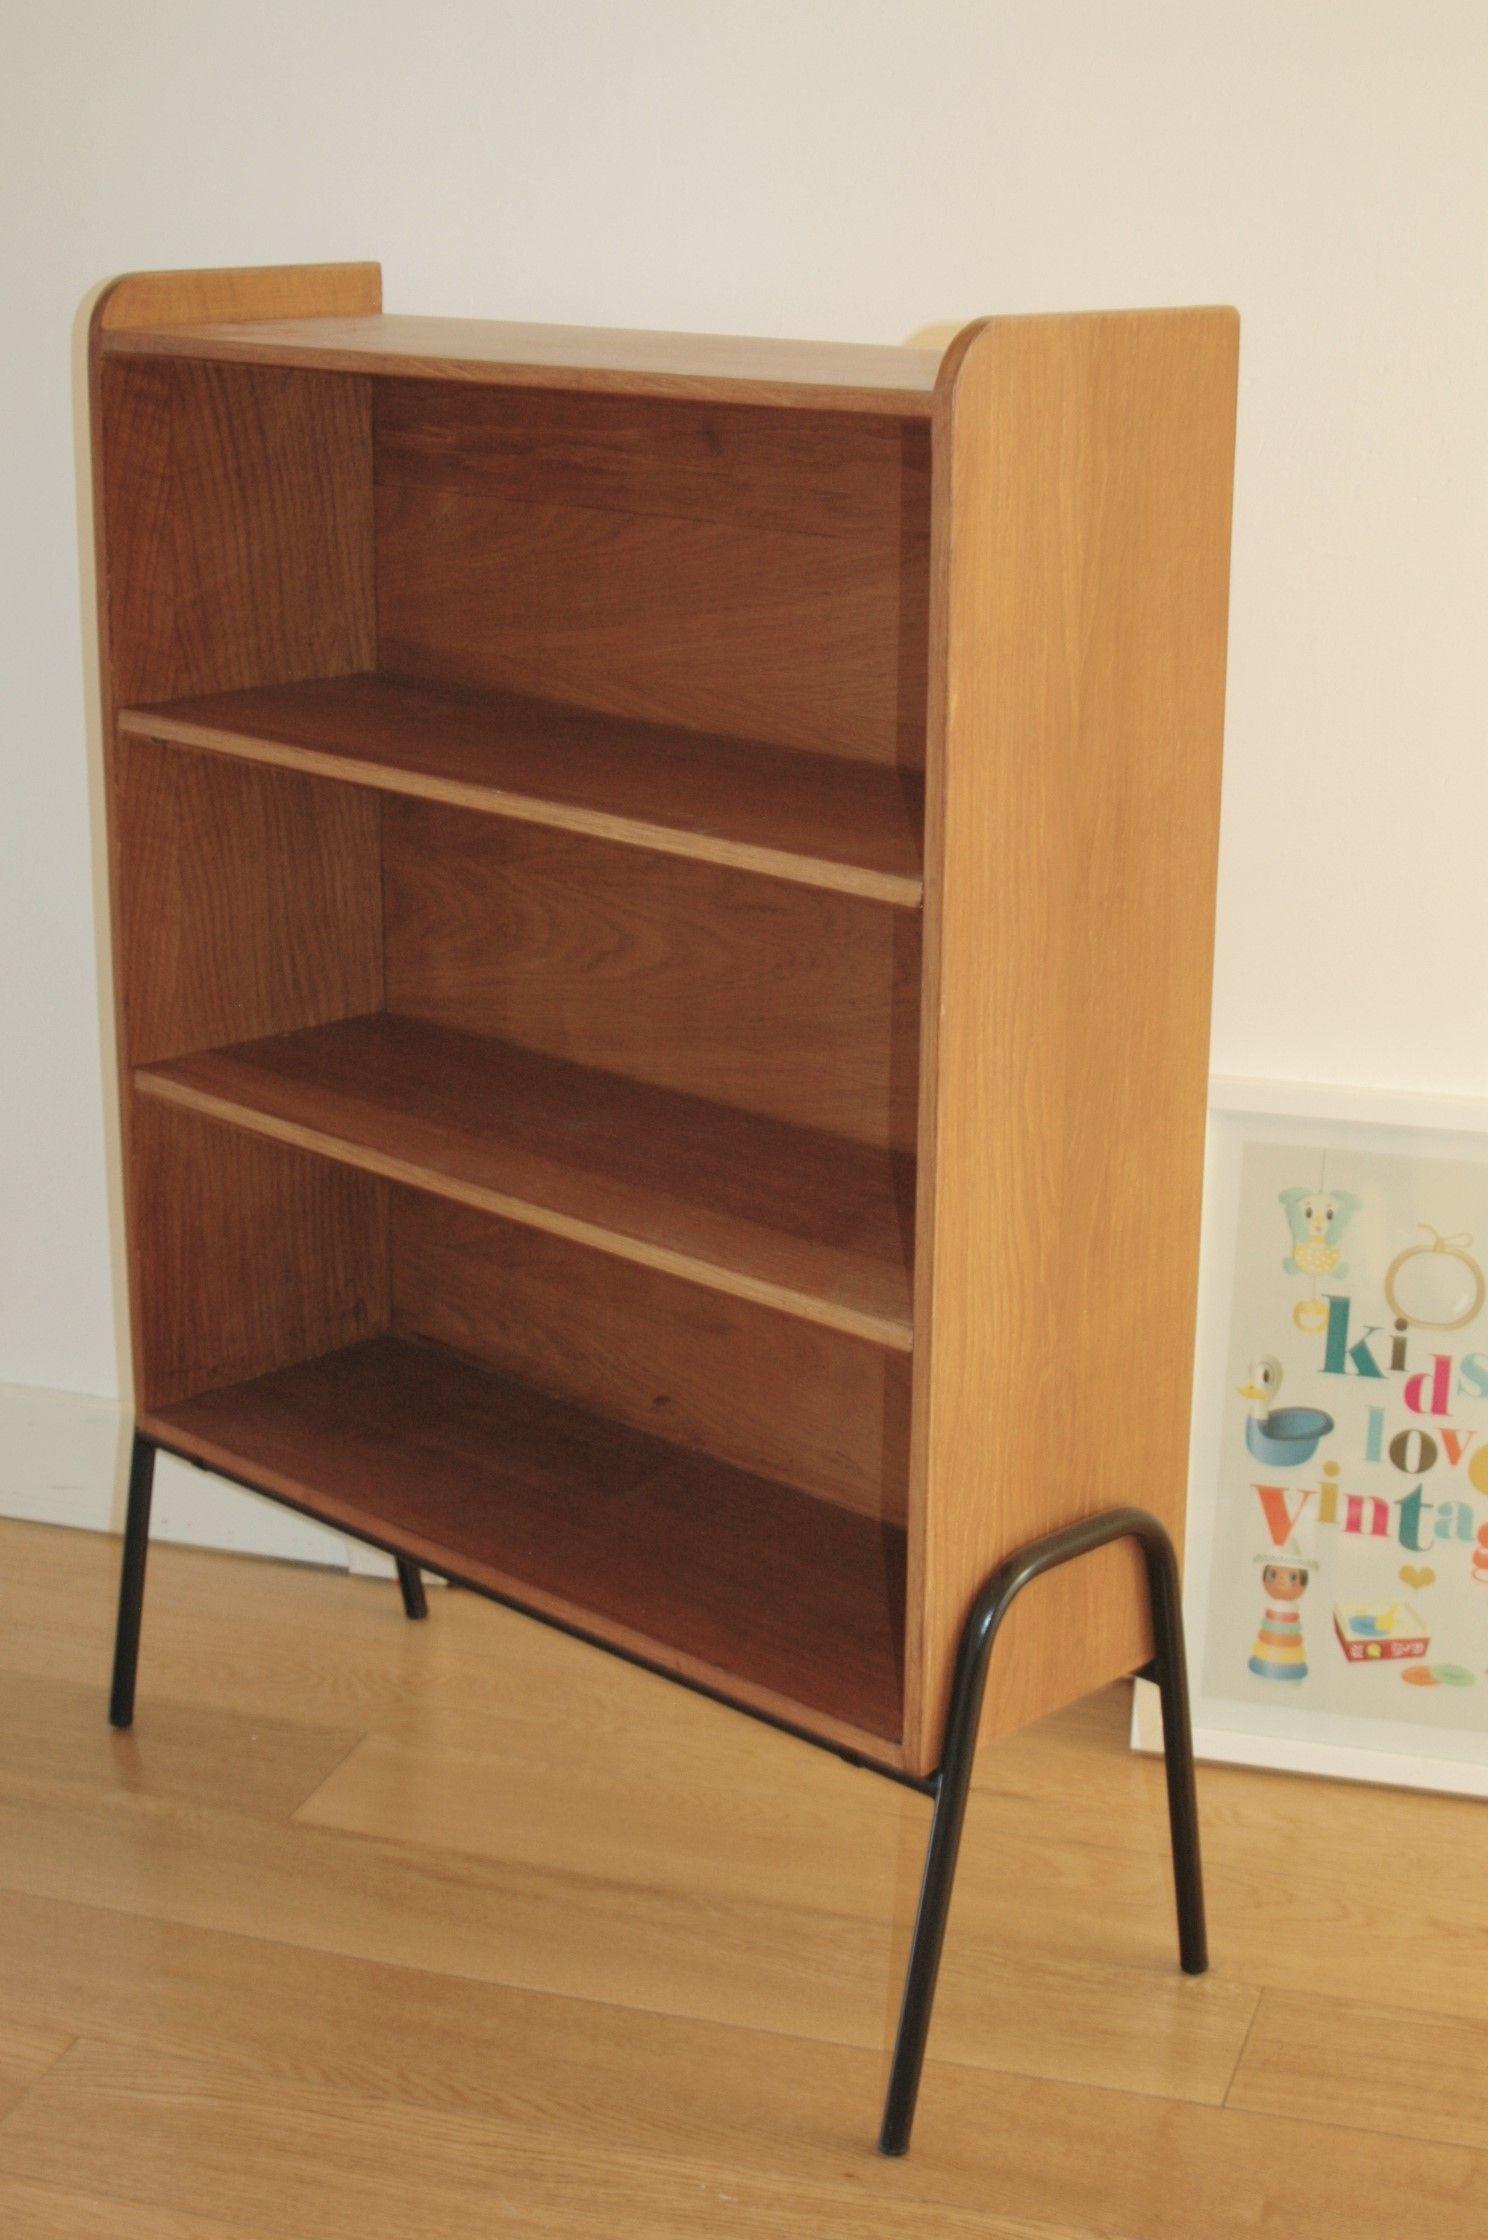 jolie petite biblioth que vintage style hitier guariche mobilier. Black Bedroom Furniture Sets. Home Design Ideas